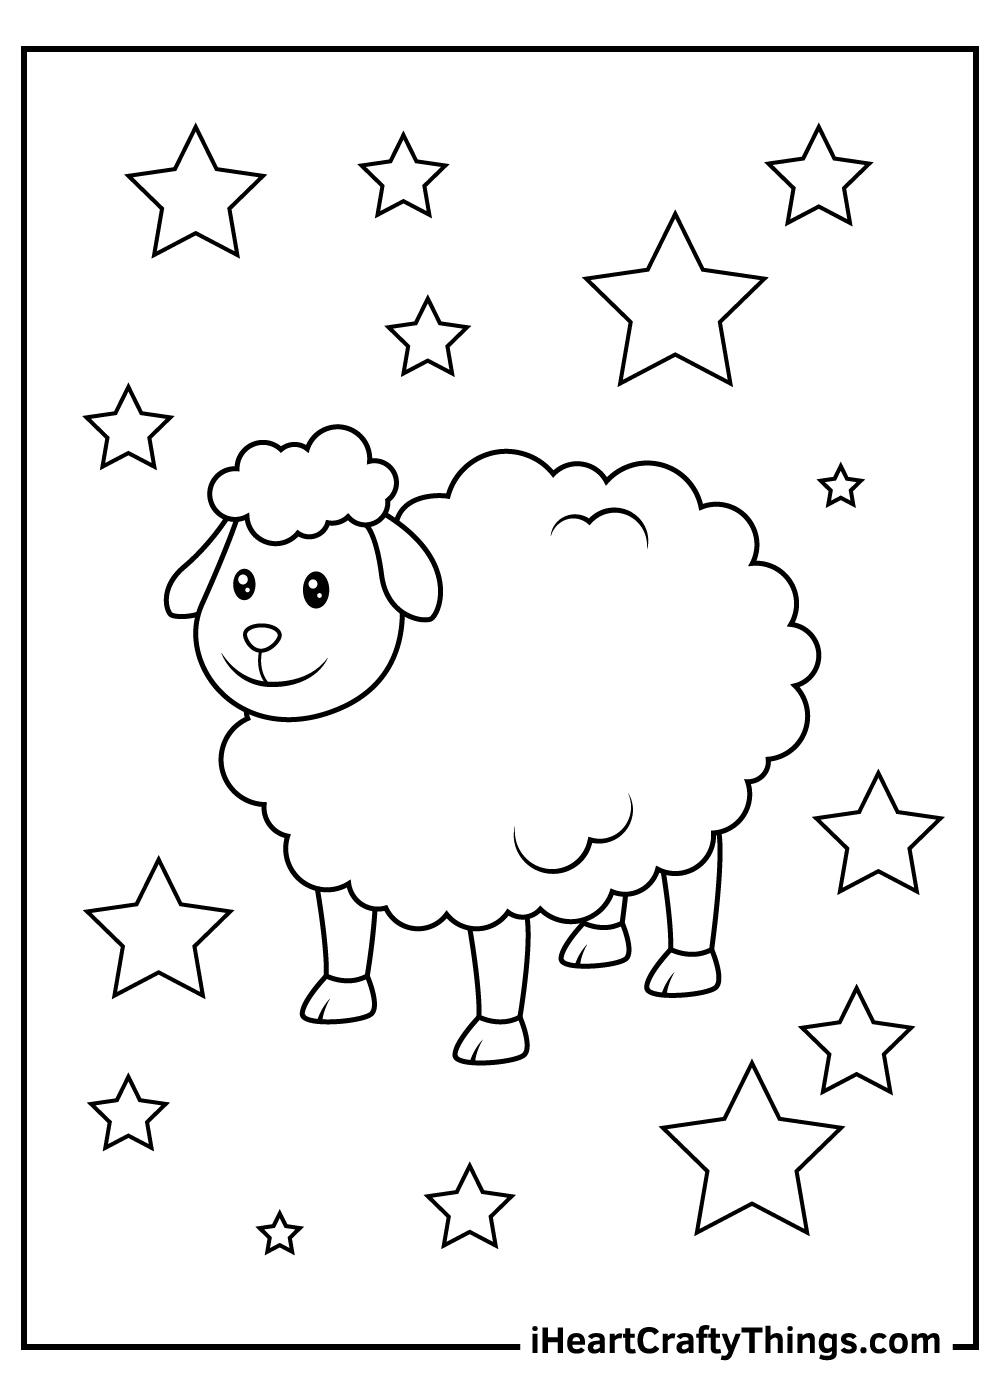 baa baa black sheep coloring pages